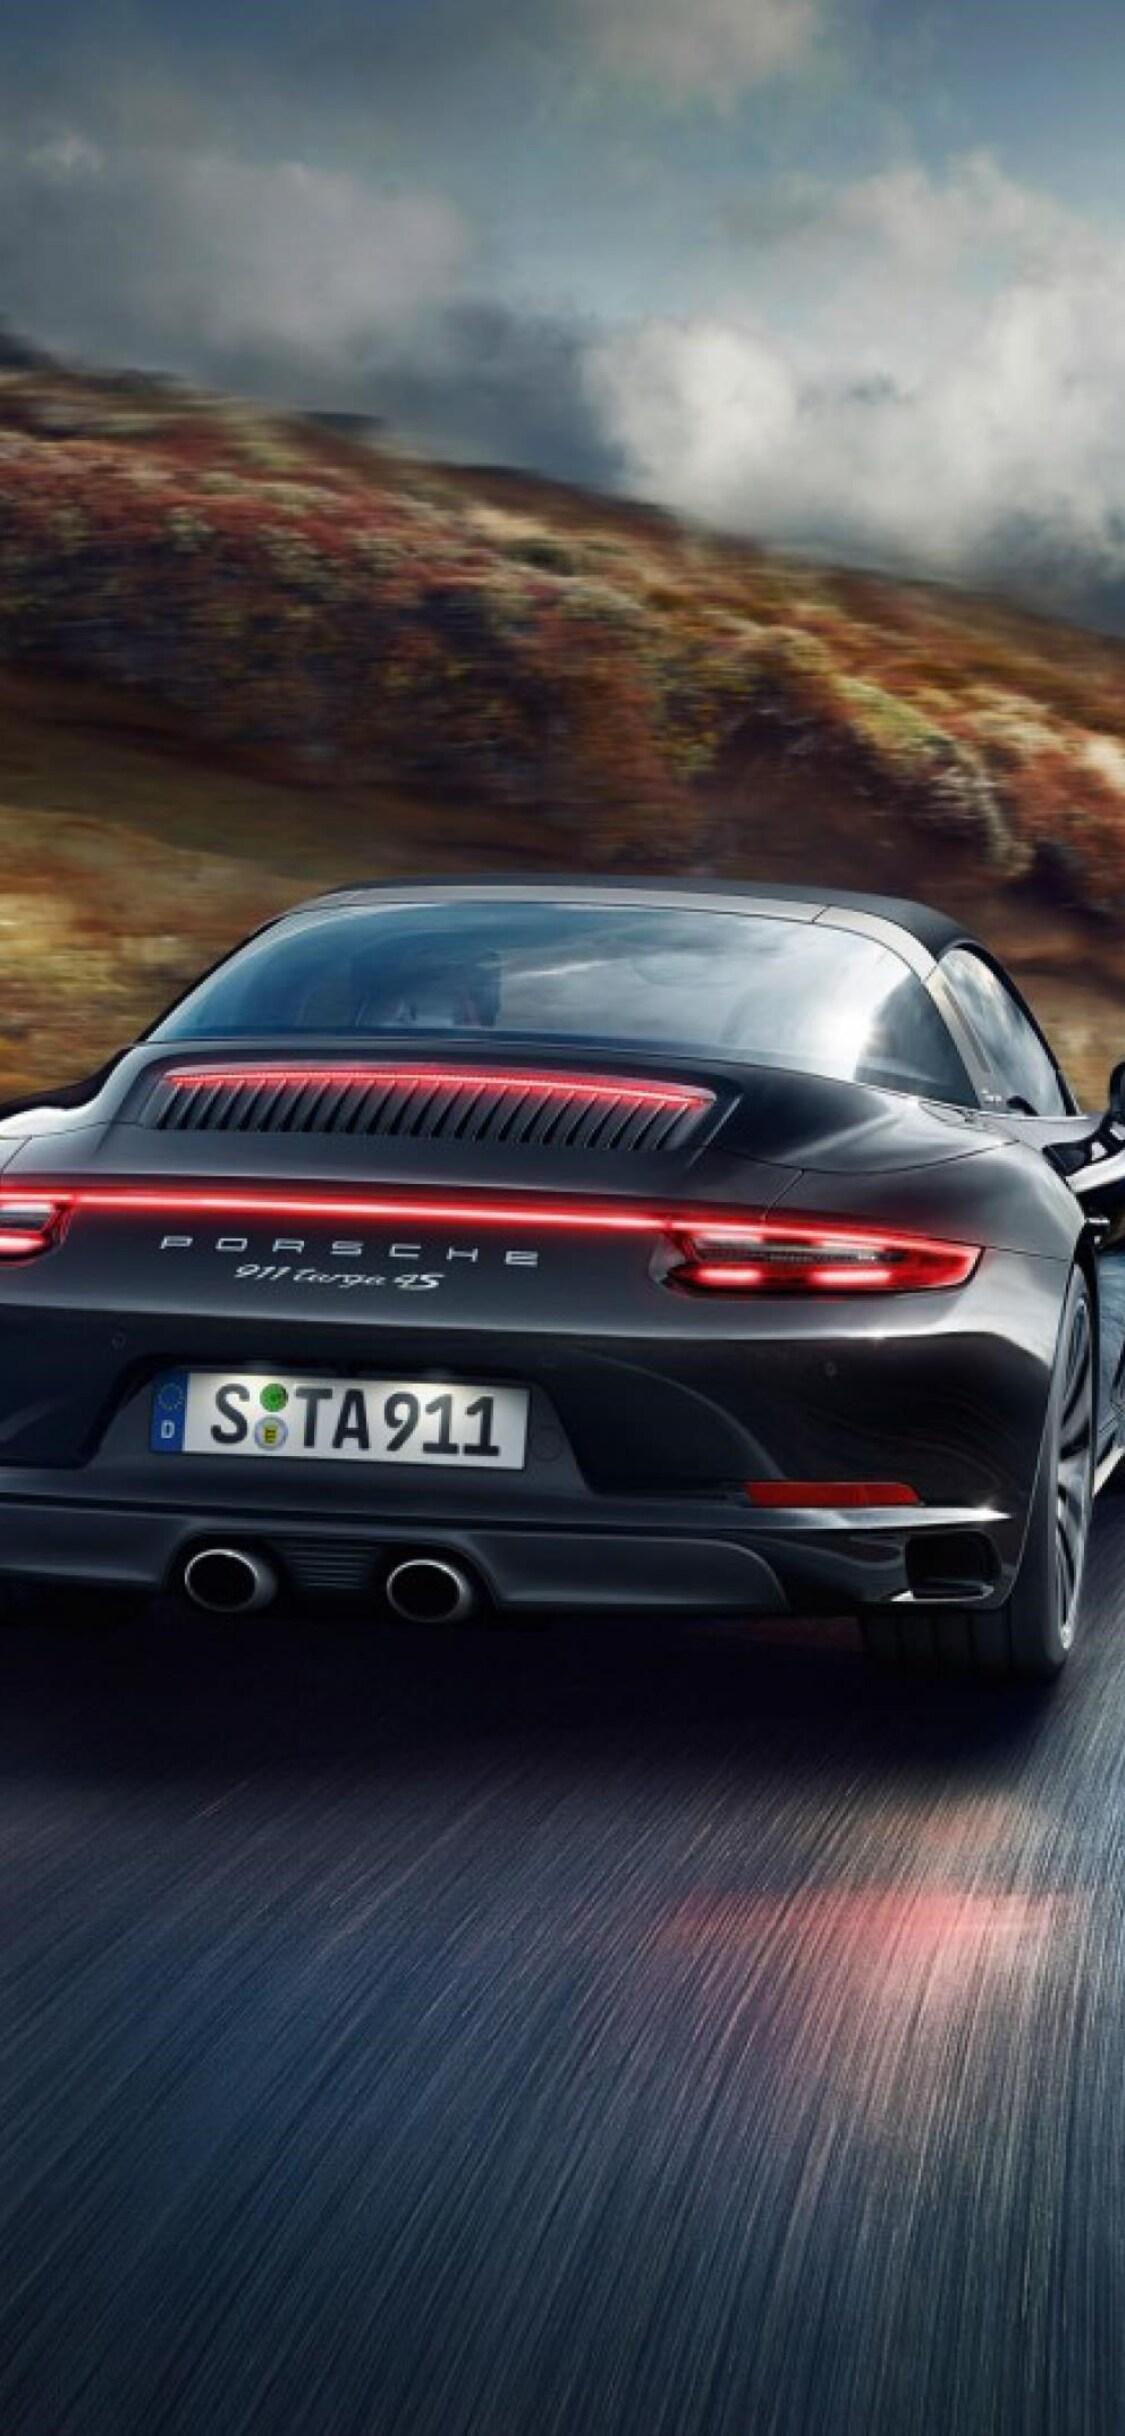 1125x2436 Porsche 911 Iphone XS,Iphone 10,Iphone X HD 4k ...